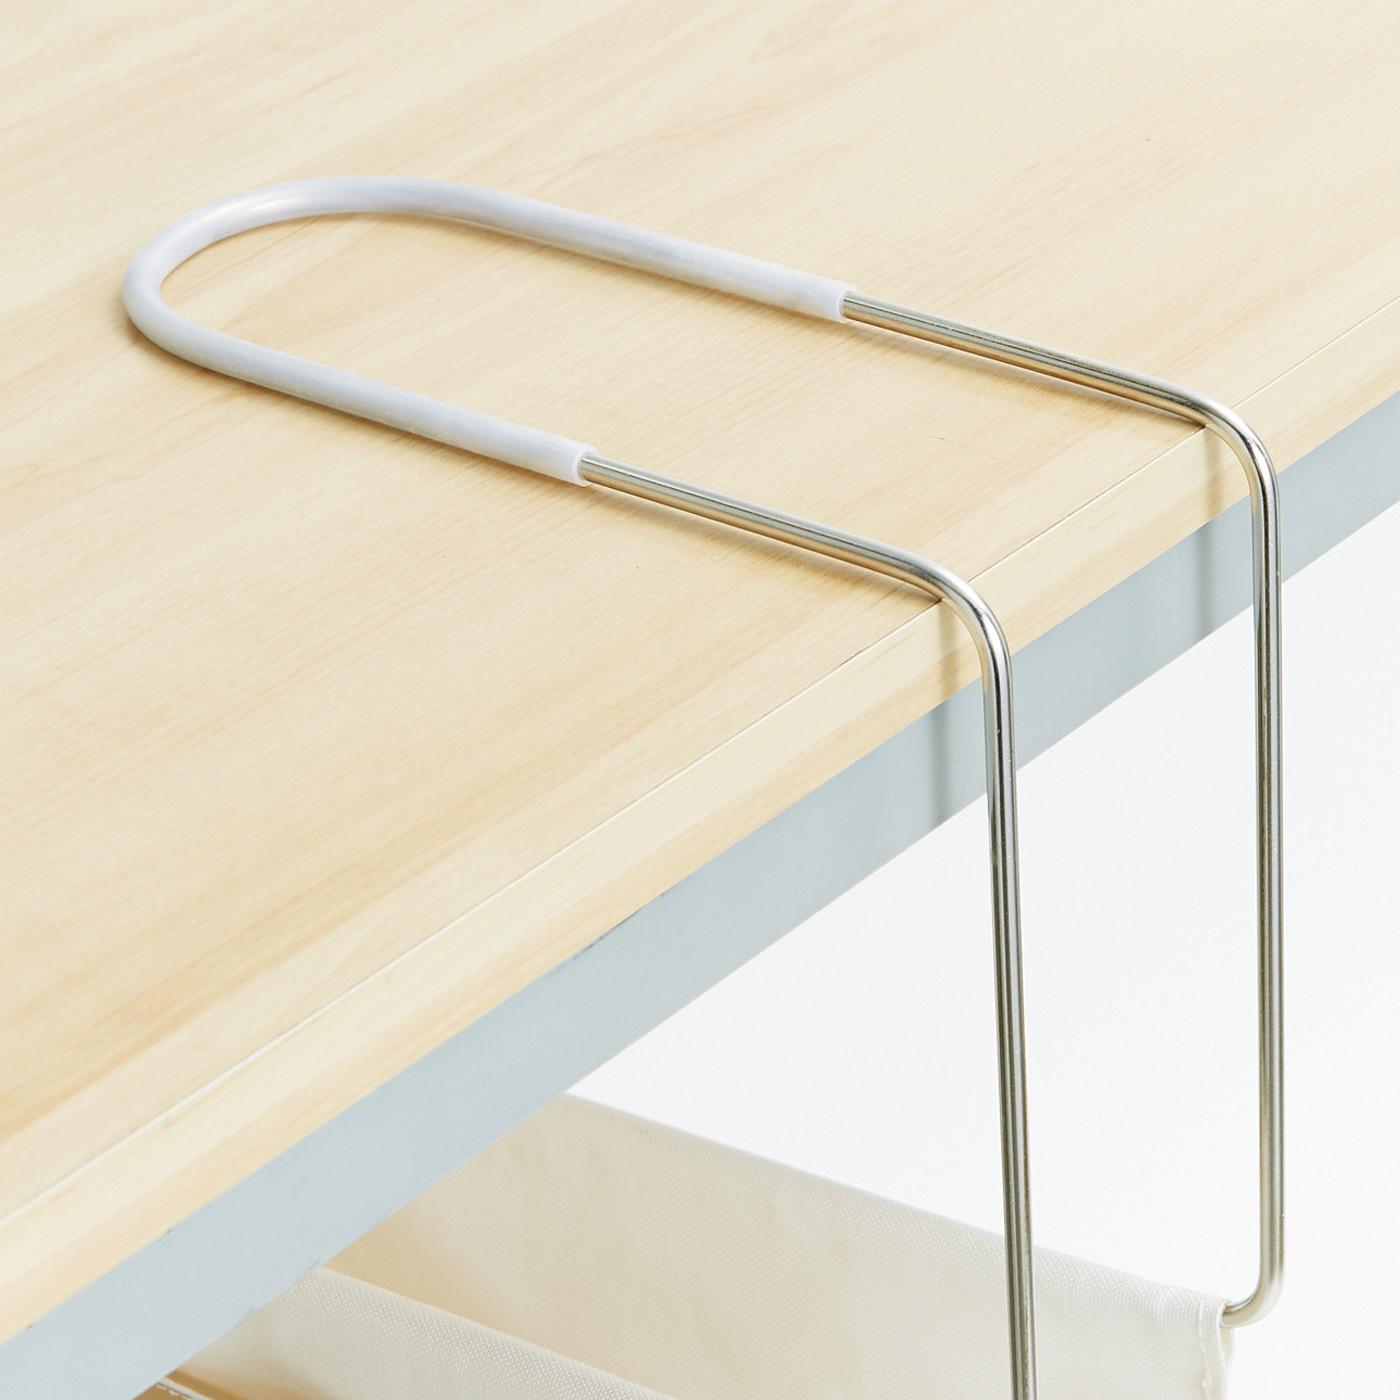 滑り止めのシリコーン付きで、テーブルを傷付けにくい。